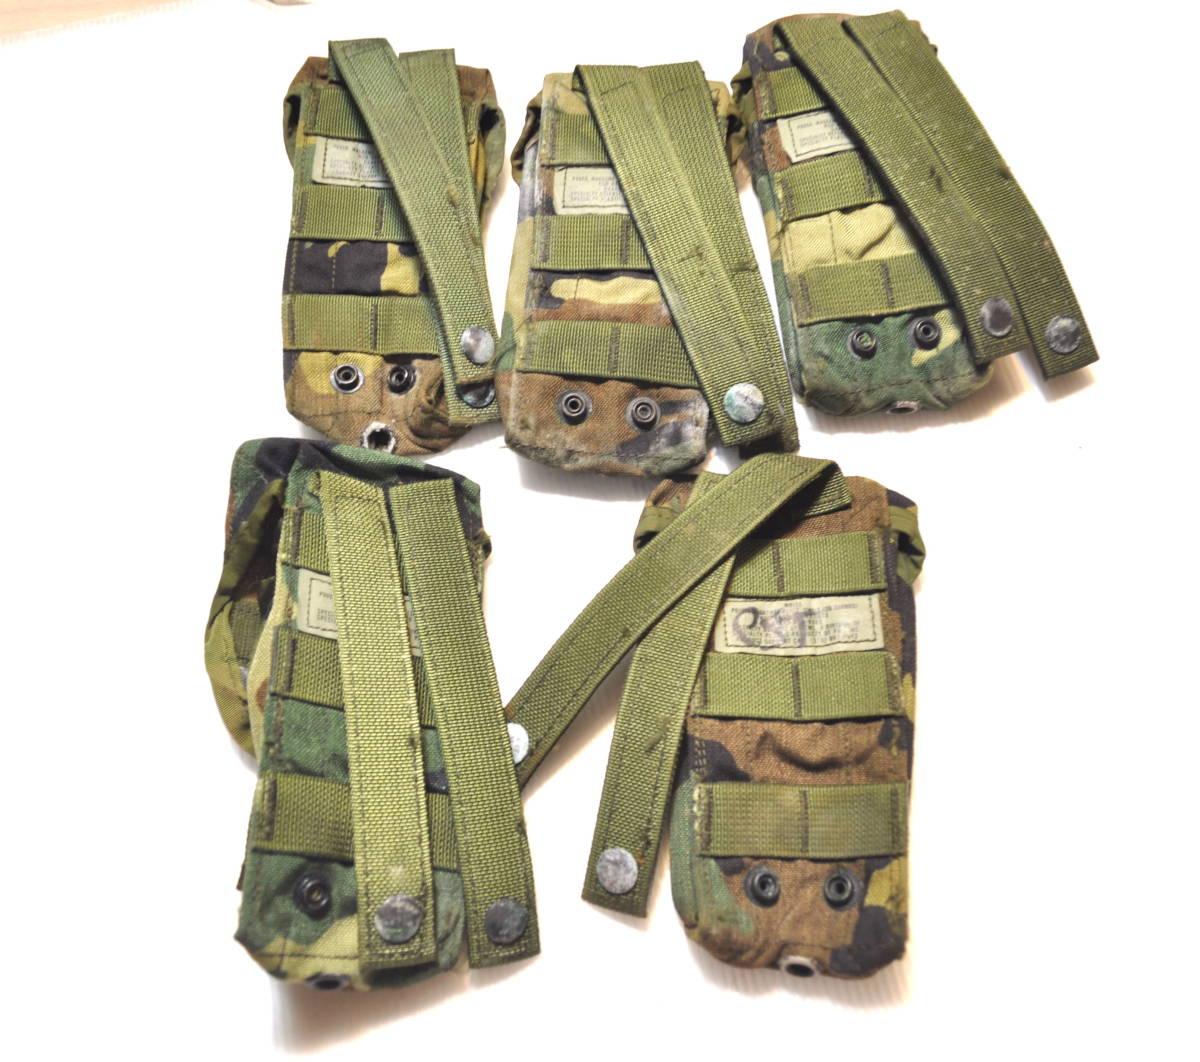 米軍放出品 実物 USMC 米海兵隊 US ARMY ウッドランド 迷彩 M4 M16 5.56mm 30連 シングルマガジンポーチセット FSBE RECON_画像2